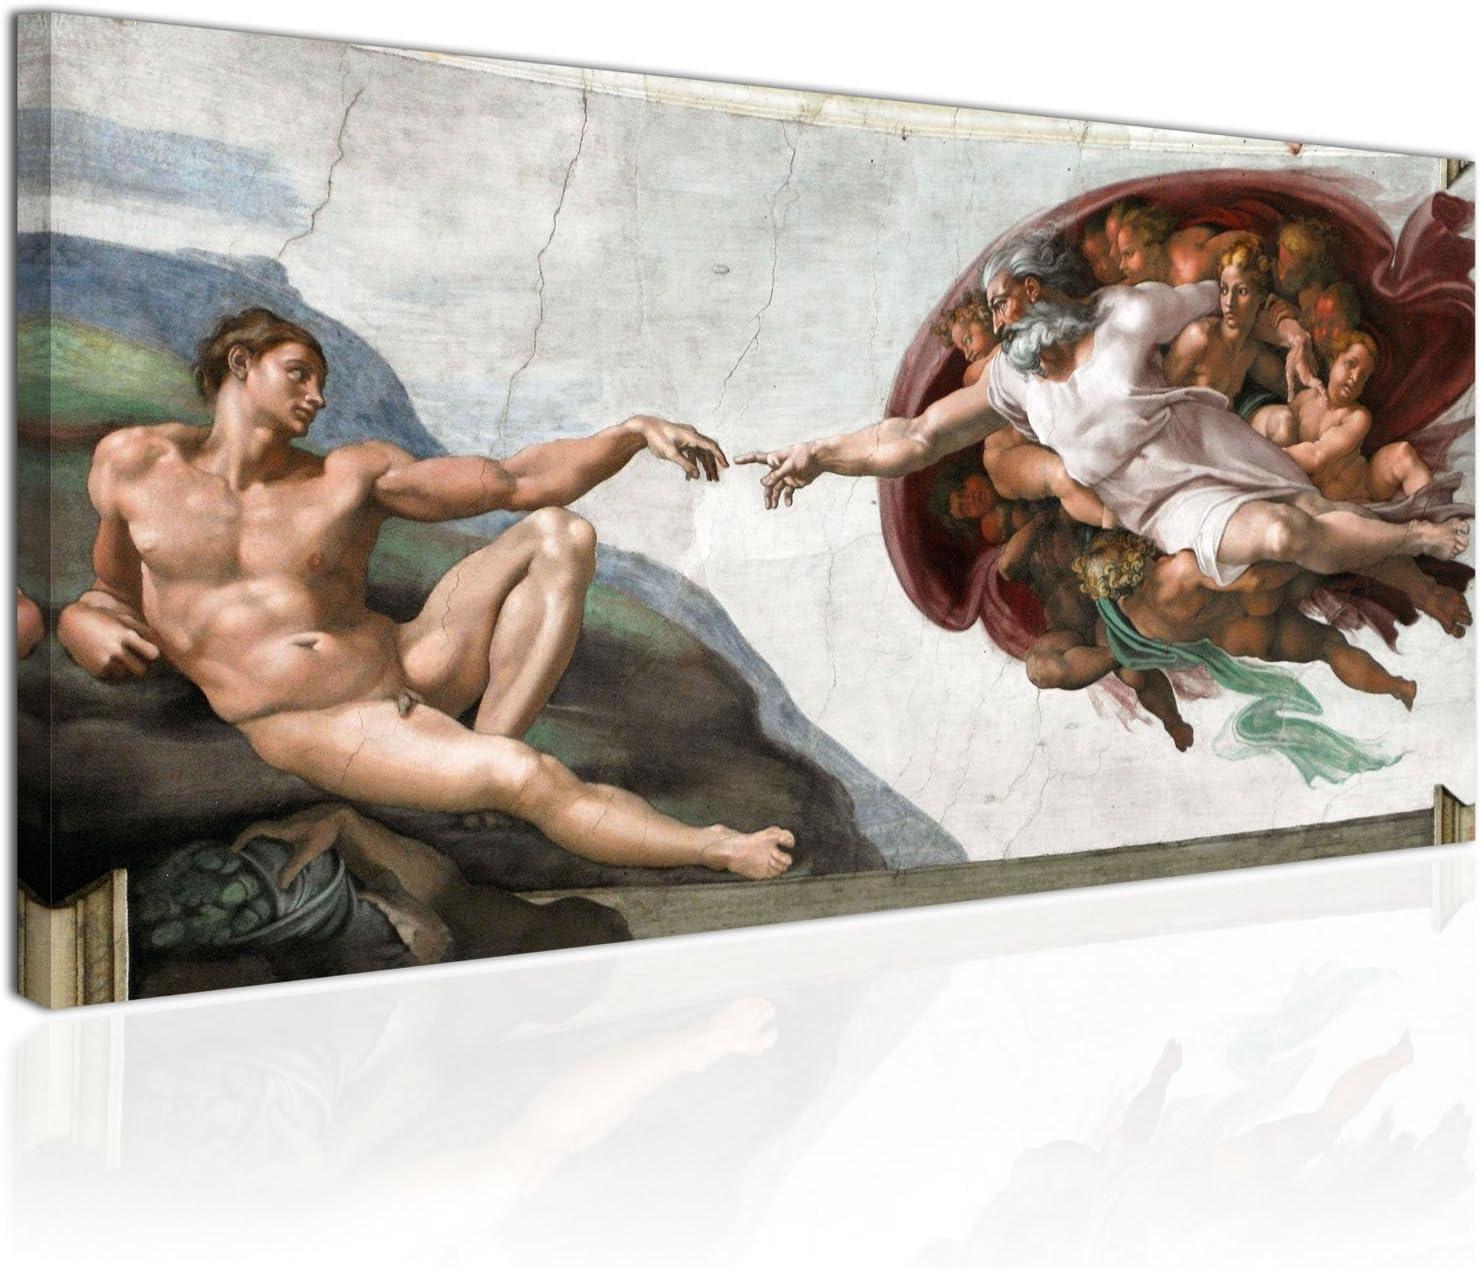 Topquadro Cuadro XXL sobre Lienzo, Imagen Panorámica 100x50cm, La Creación de Adán - Michelangelo Renacimiento Italiano, Estilo Clásico - Decoración de Pared, Imagen Panorámica - Una Pieza